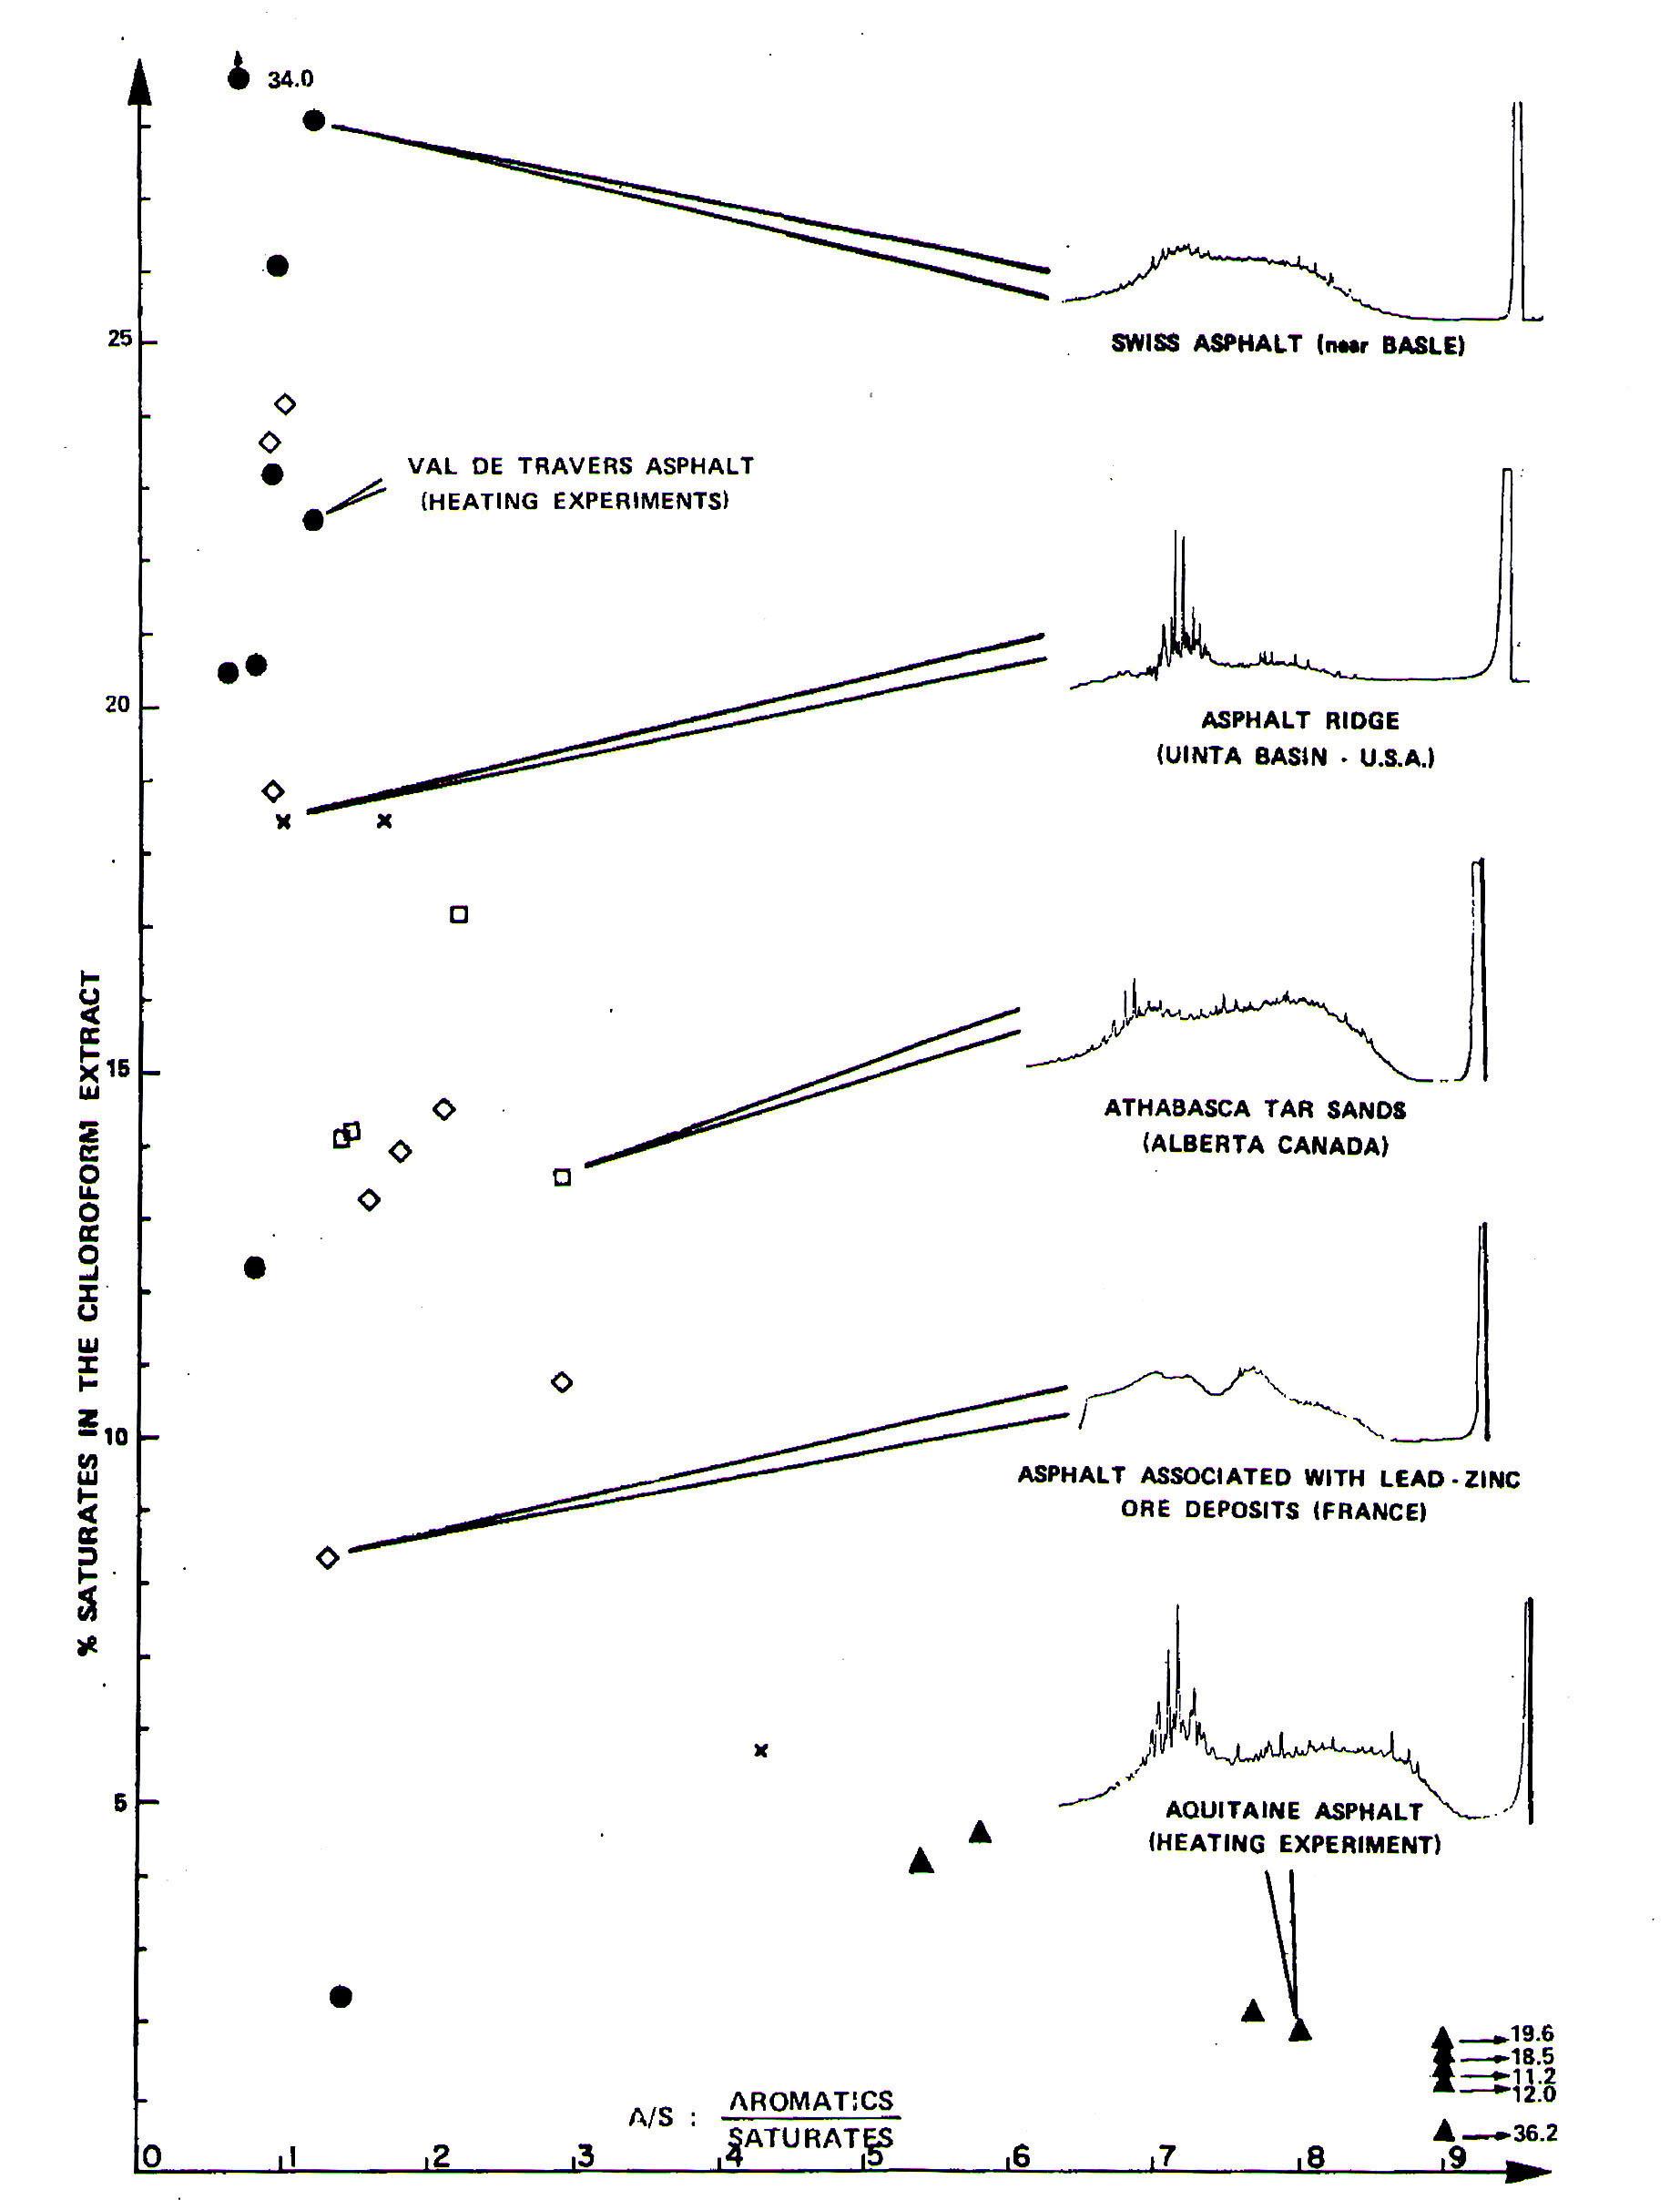 شکل شماره 1 – رابطه بین محتوی اشباع در کلروفرم استخراج شده و نسبت آروماتیک/ اشباع برای آسفالت های طبیعی مختلف . =آسفالت سوییس =آسفالت ناحیه آکیتن =ماسه های قیری آتاباسکا =آسفالت های همراه با باریت یا روی X=دیگر آسفالت ها(ترینیداد،ایالات متحده آمریکا،جنوب غربی آفریقا)